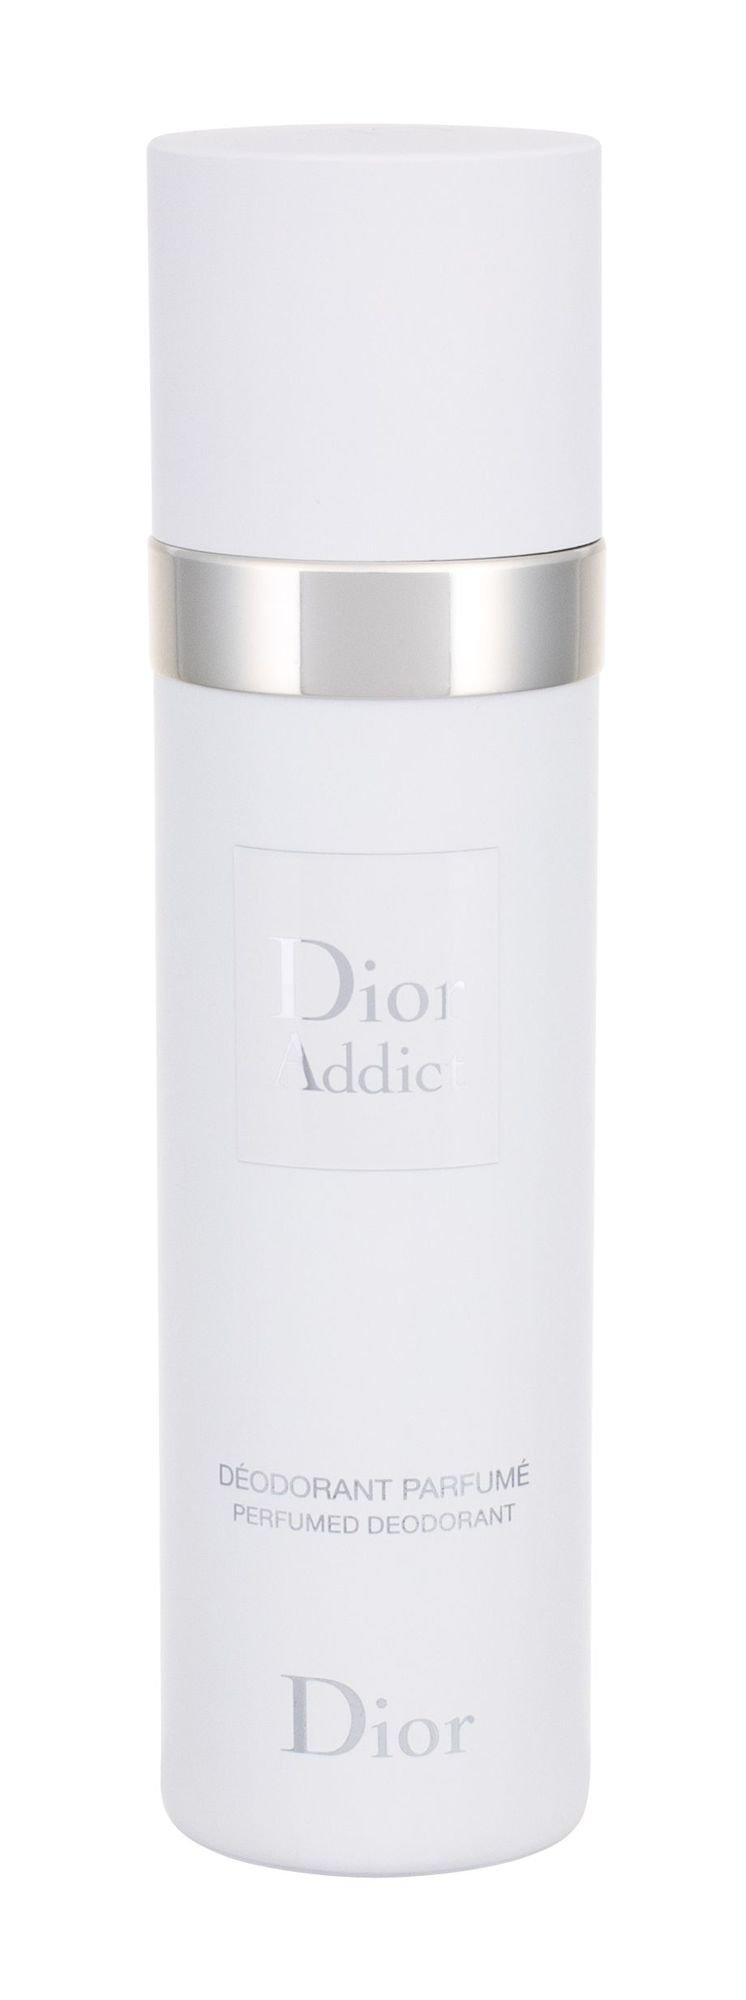 Christian Dior Addict, Deodorant 100ml